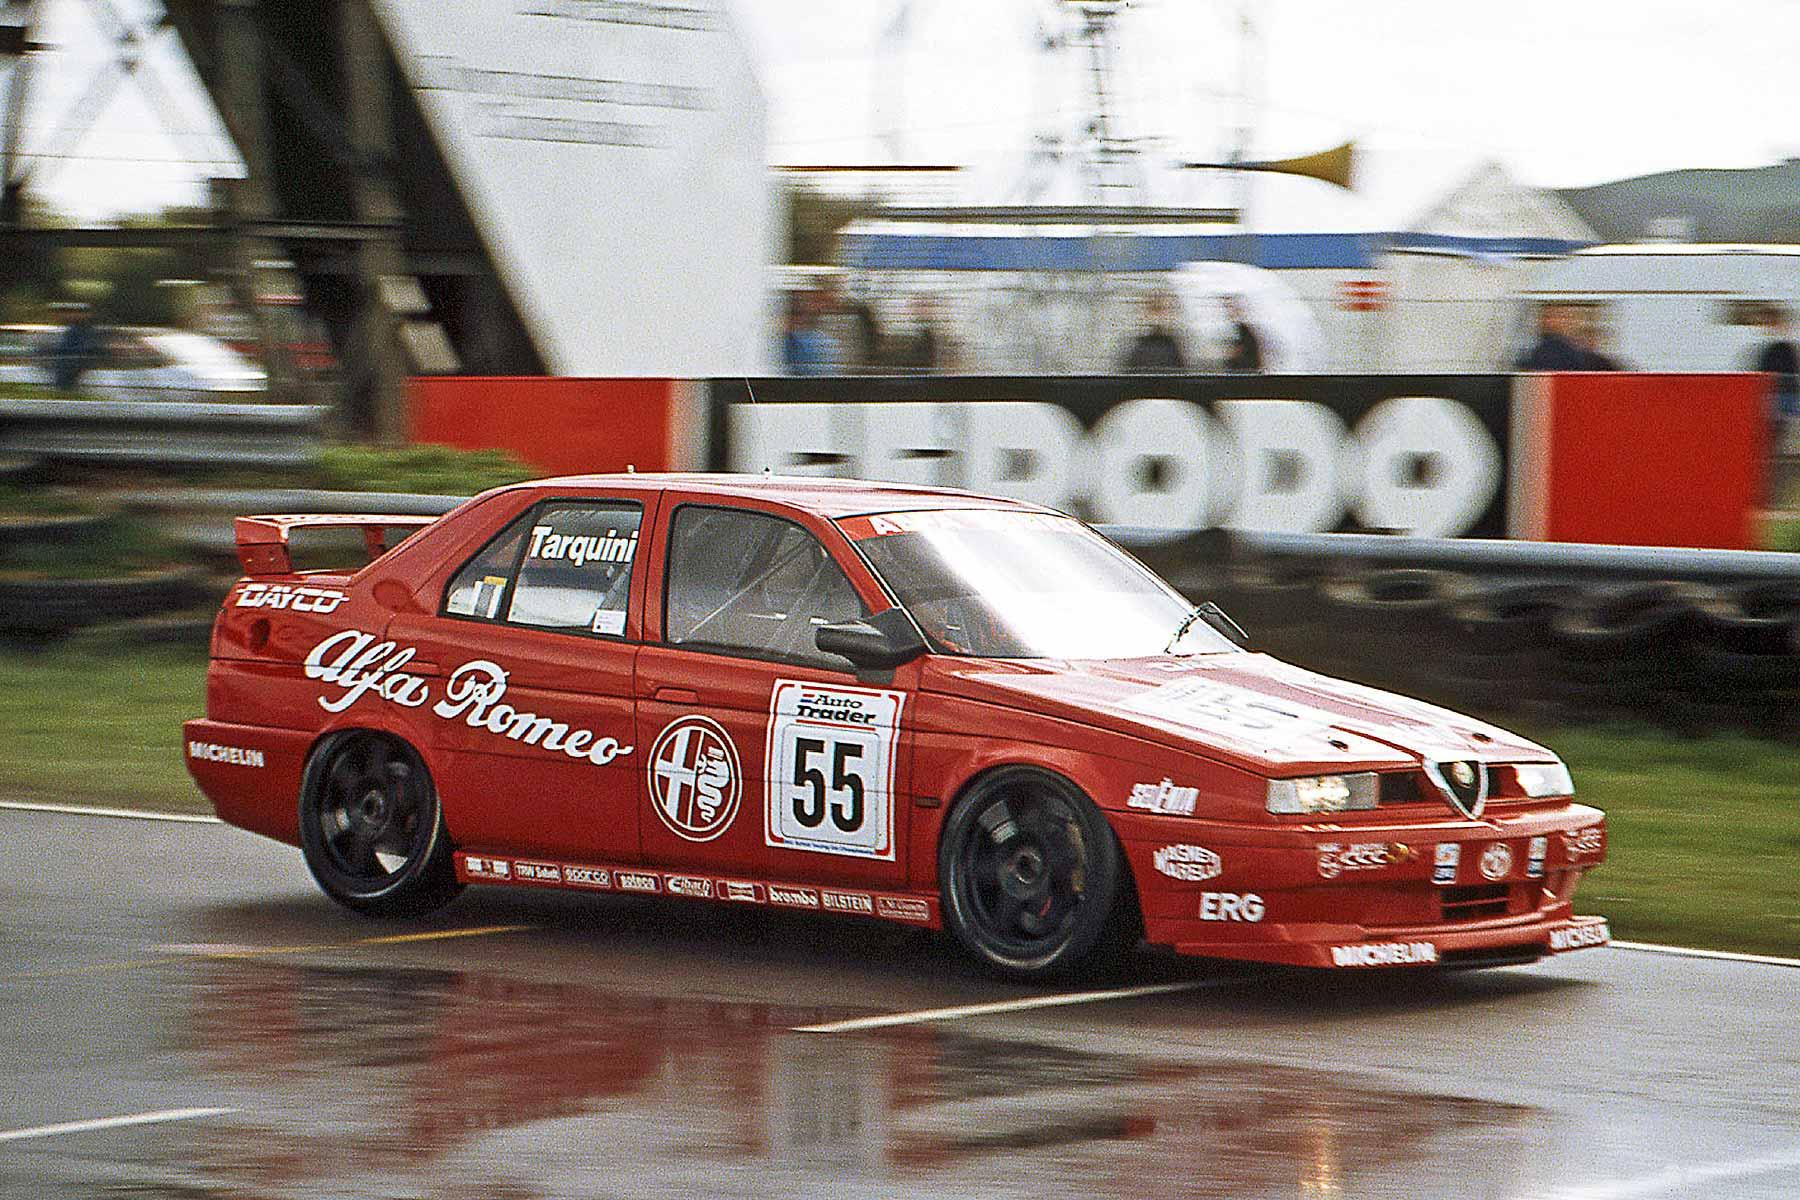 Alfa Romeo 156 Btcc Super Touring Car: Alfa Romeo 155 BTCC